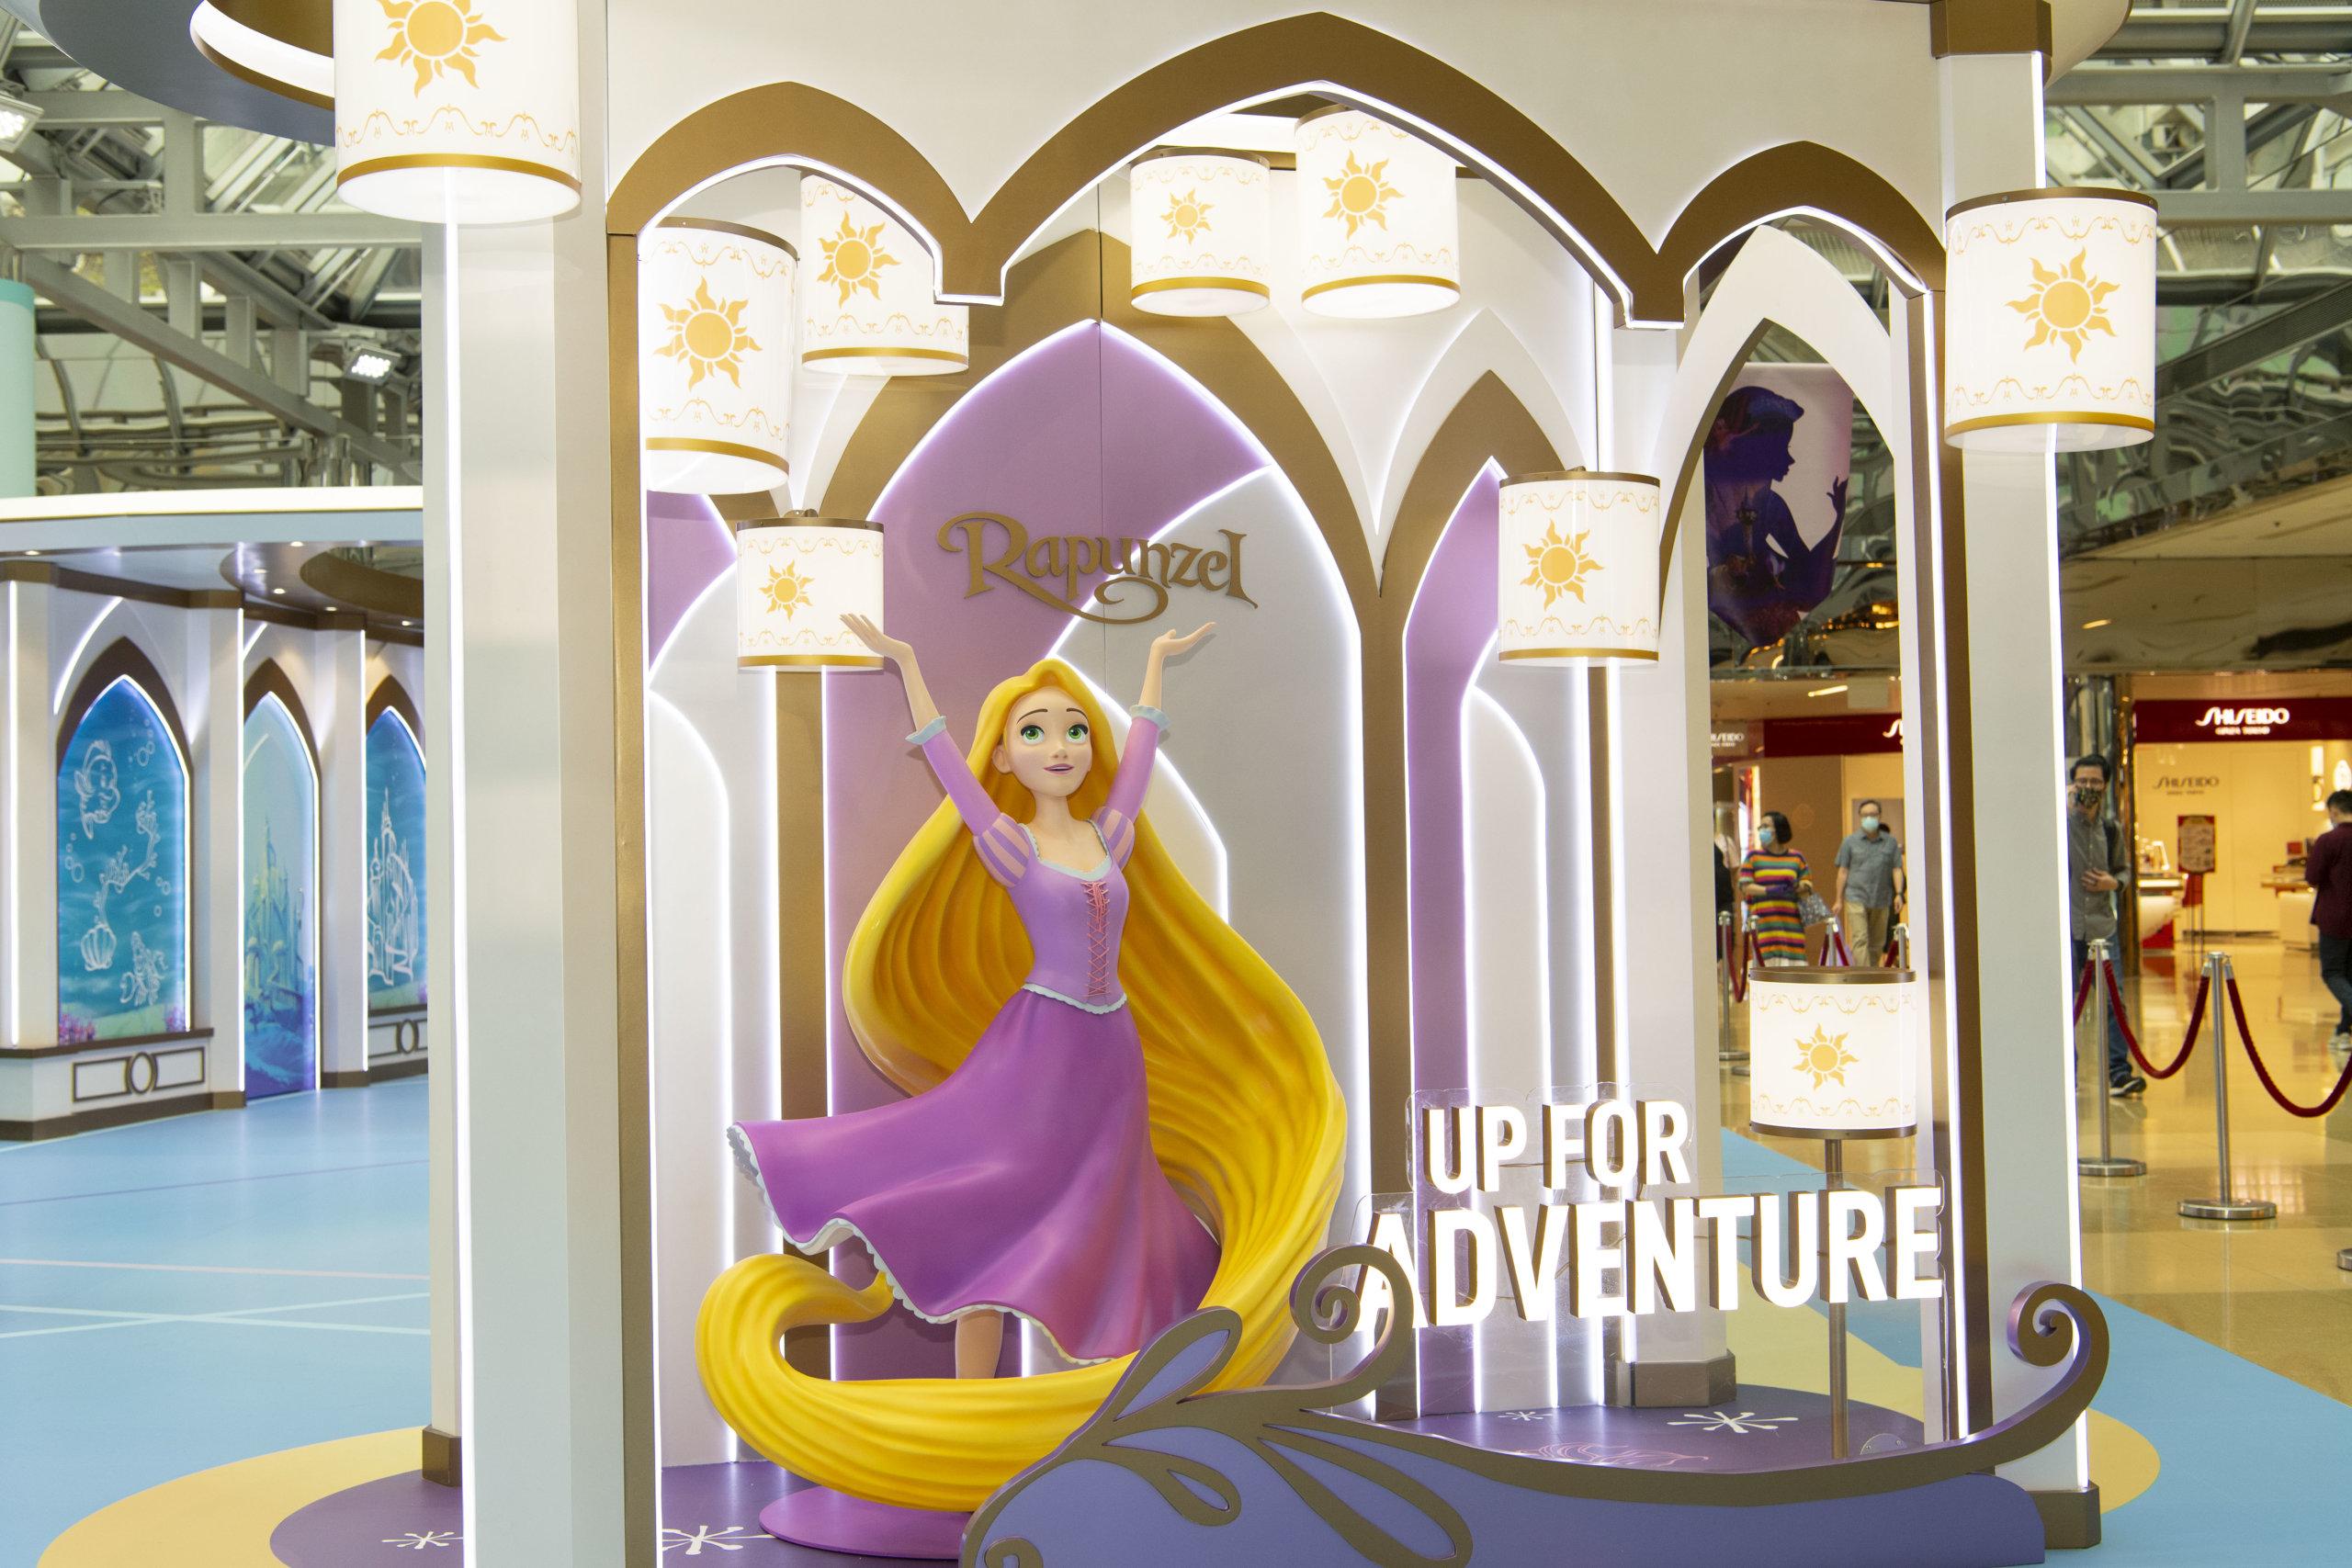 長髮公主樂佩生日時總會看見天上出現很多天燈,樂佩公主就站在載有「Up For Adventure」的小船後,伴大家一起快樂地展開「魔髮天燈冒險」。